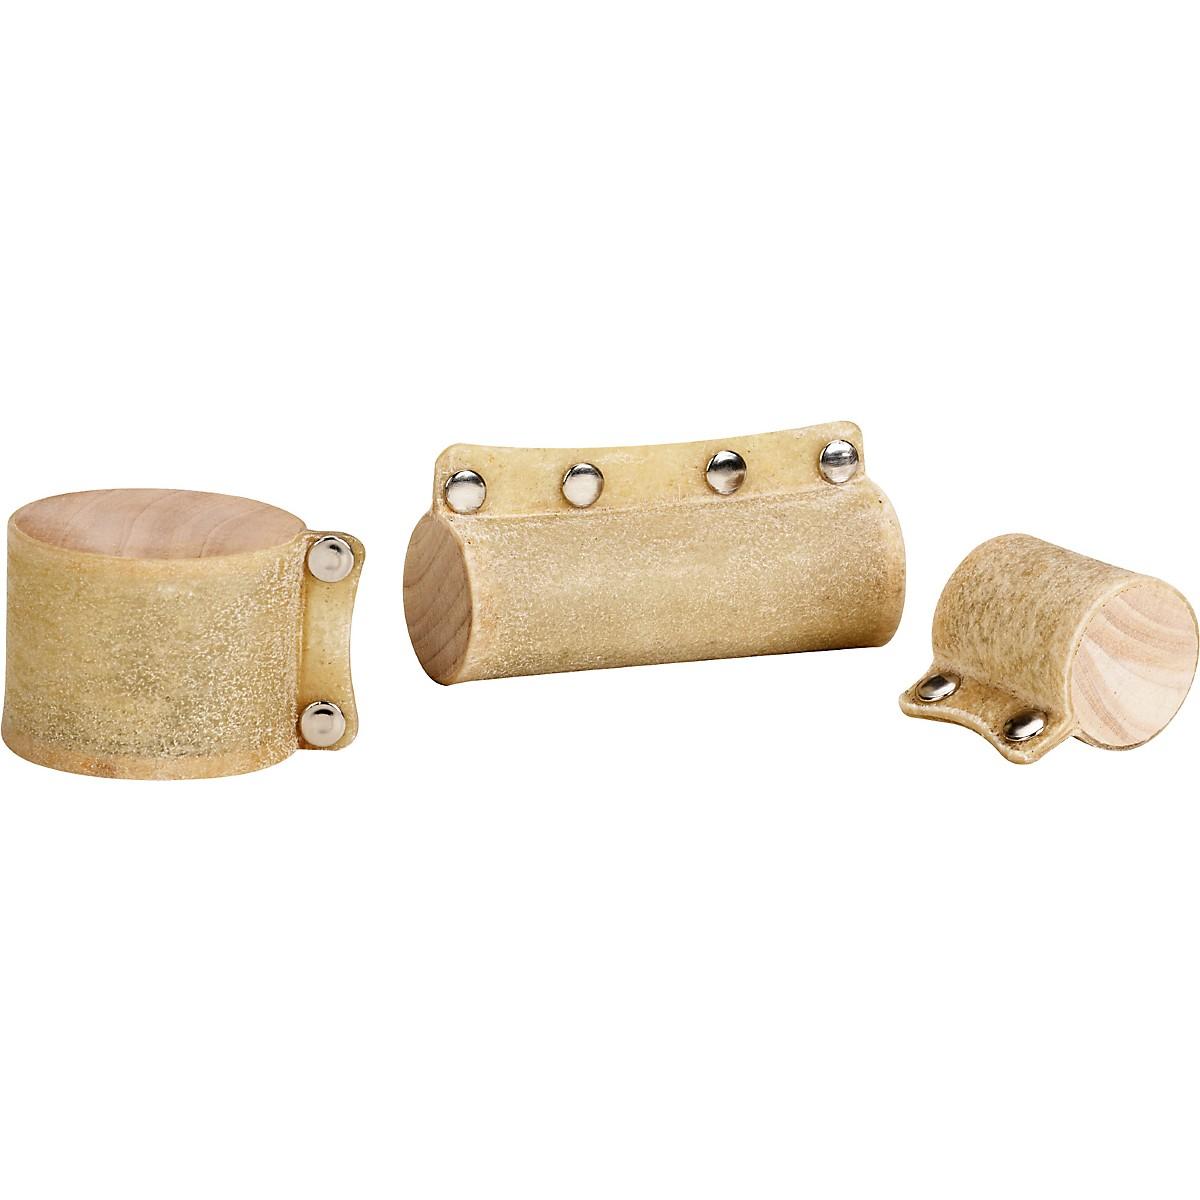 Gon Bops Drum Shaker 3-Pack